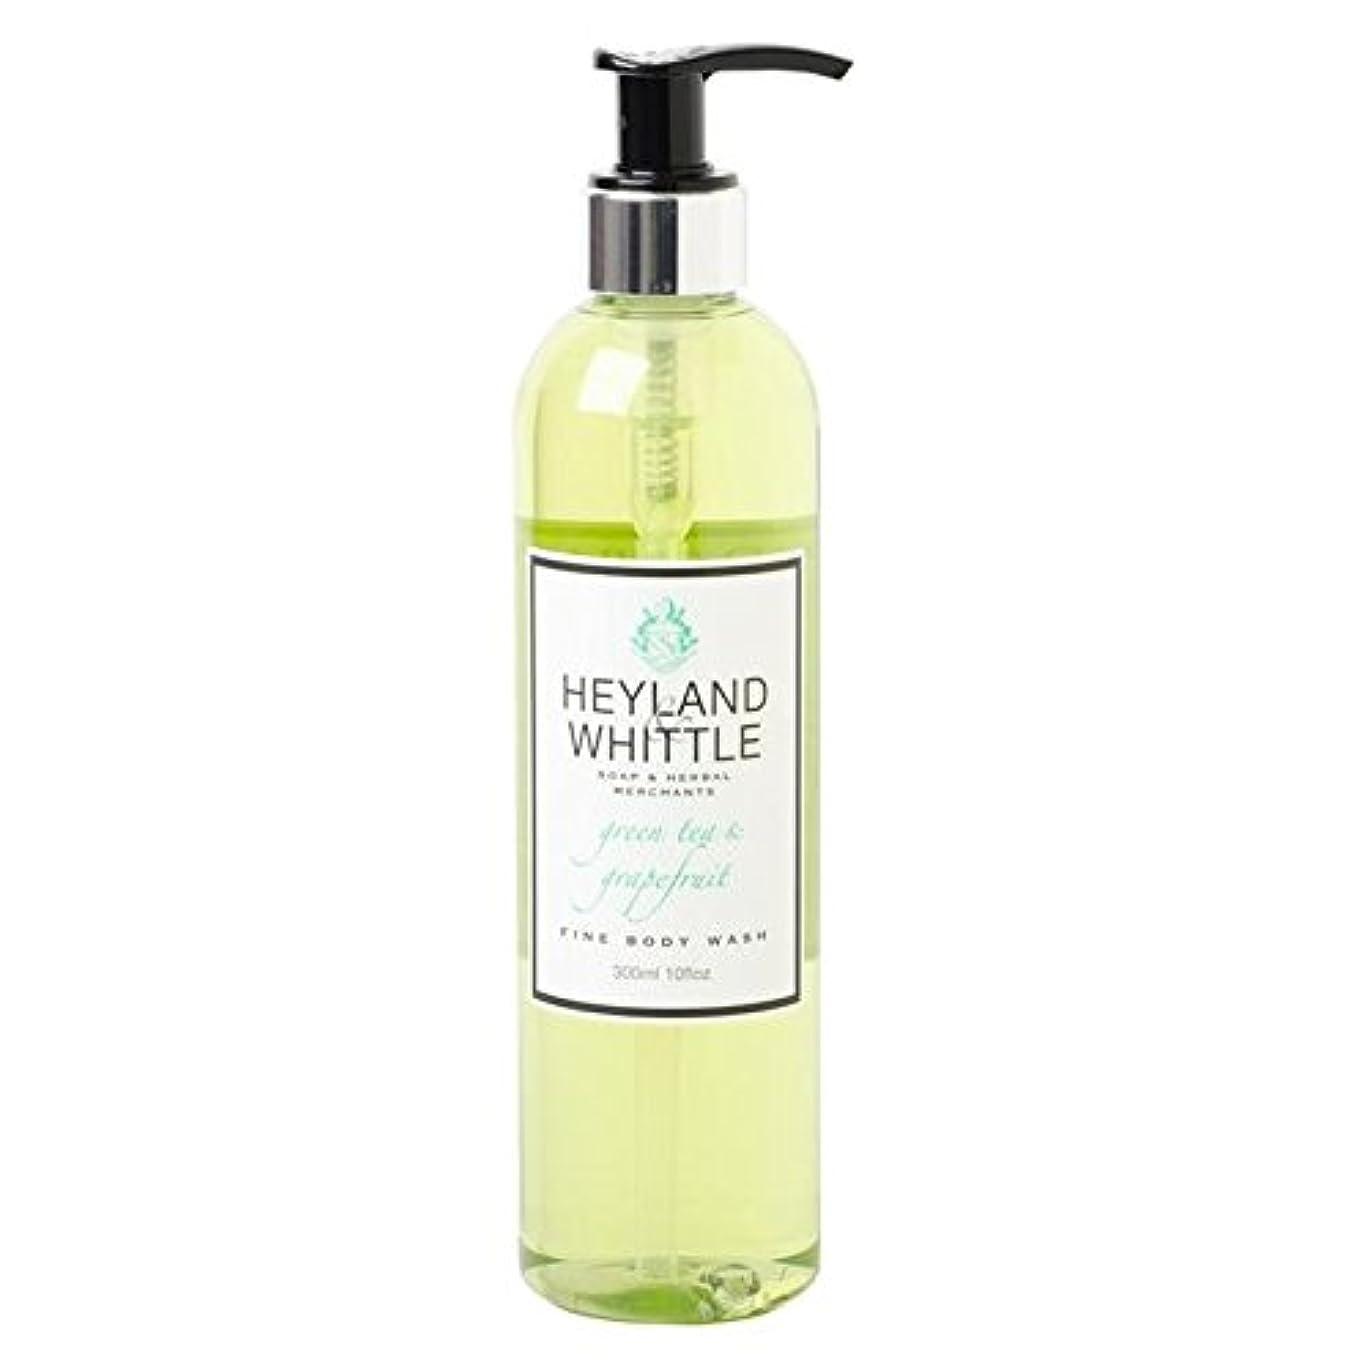 ラウンジ家庭保険Heyland & Whittle Greentea & Grapefruit Body Wash 300ml - &削るグリーンティ&グレープフルーツボディウォッシュ300ミリリットル [並行輸入品]